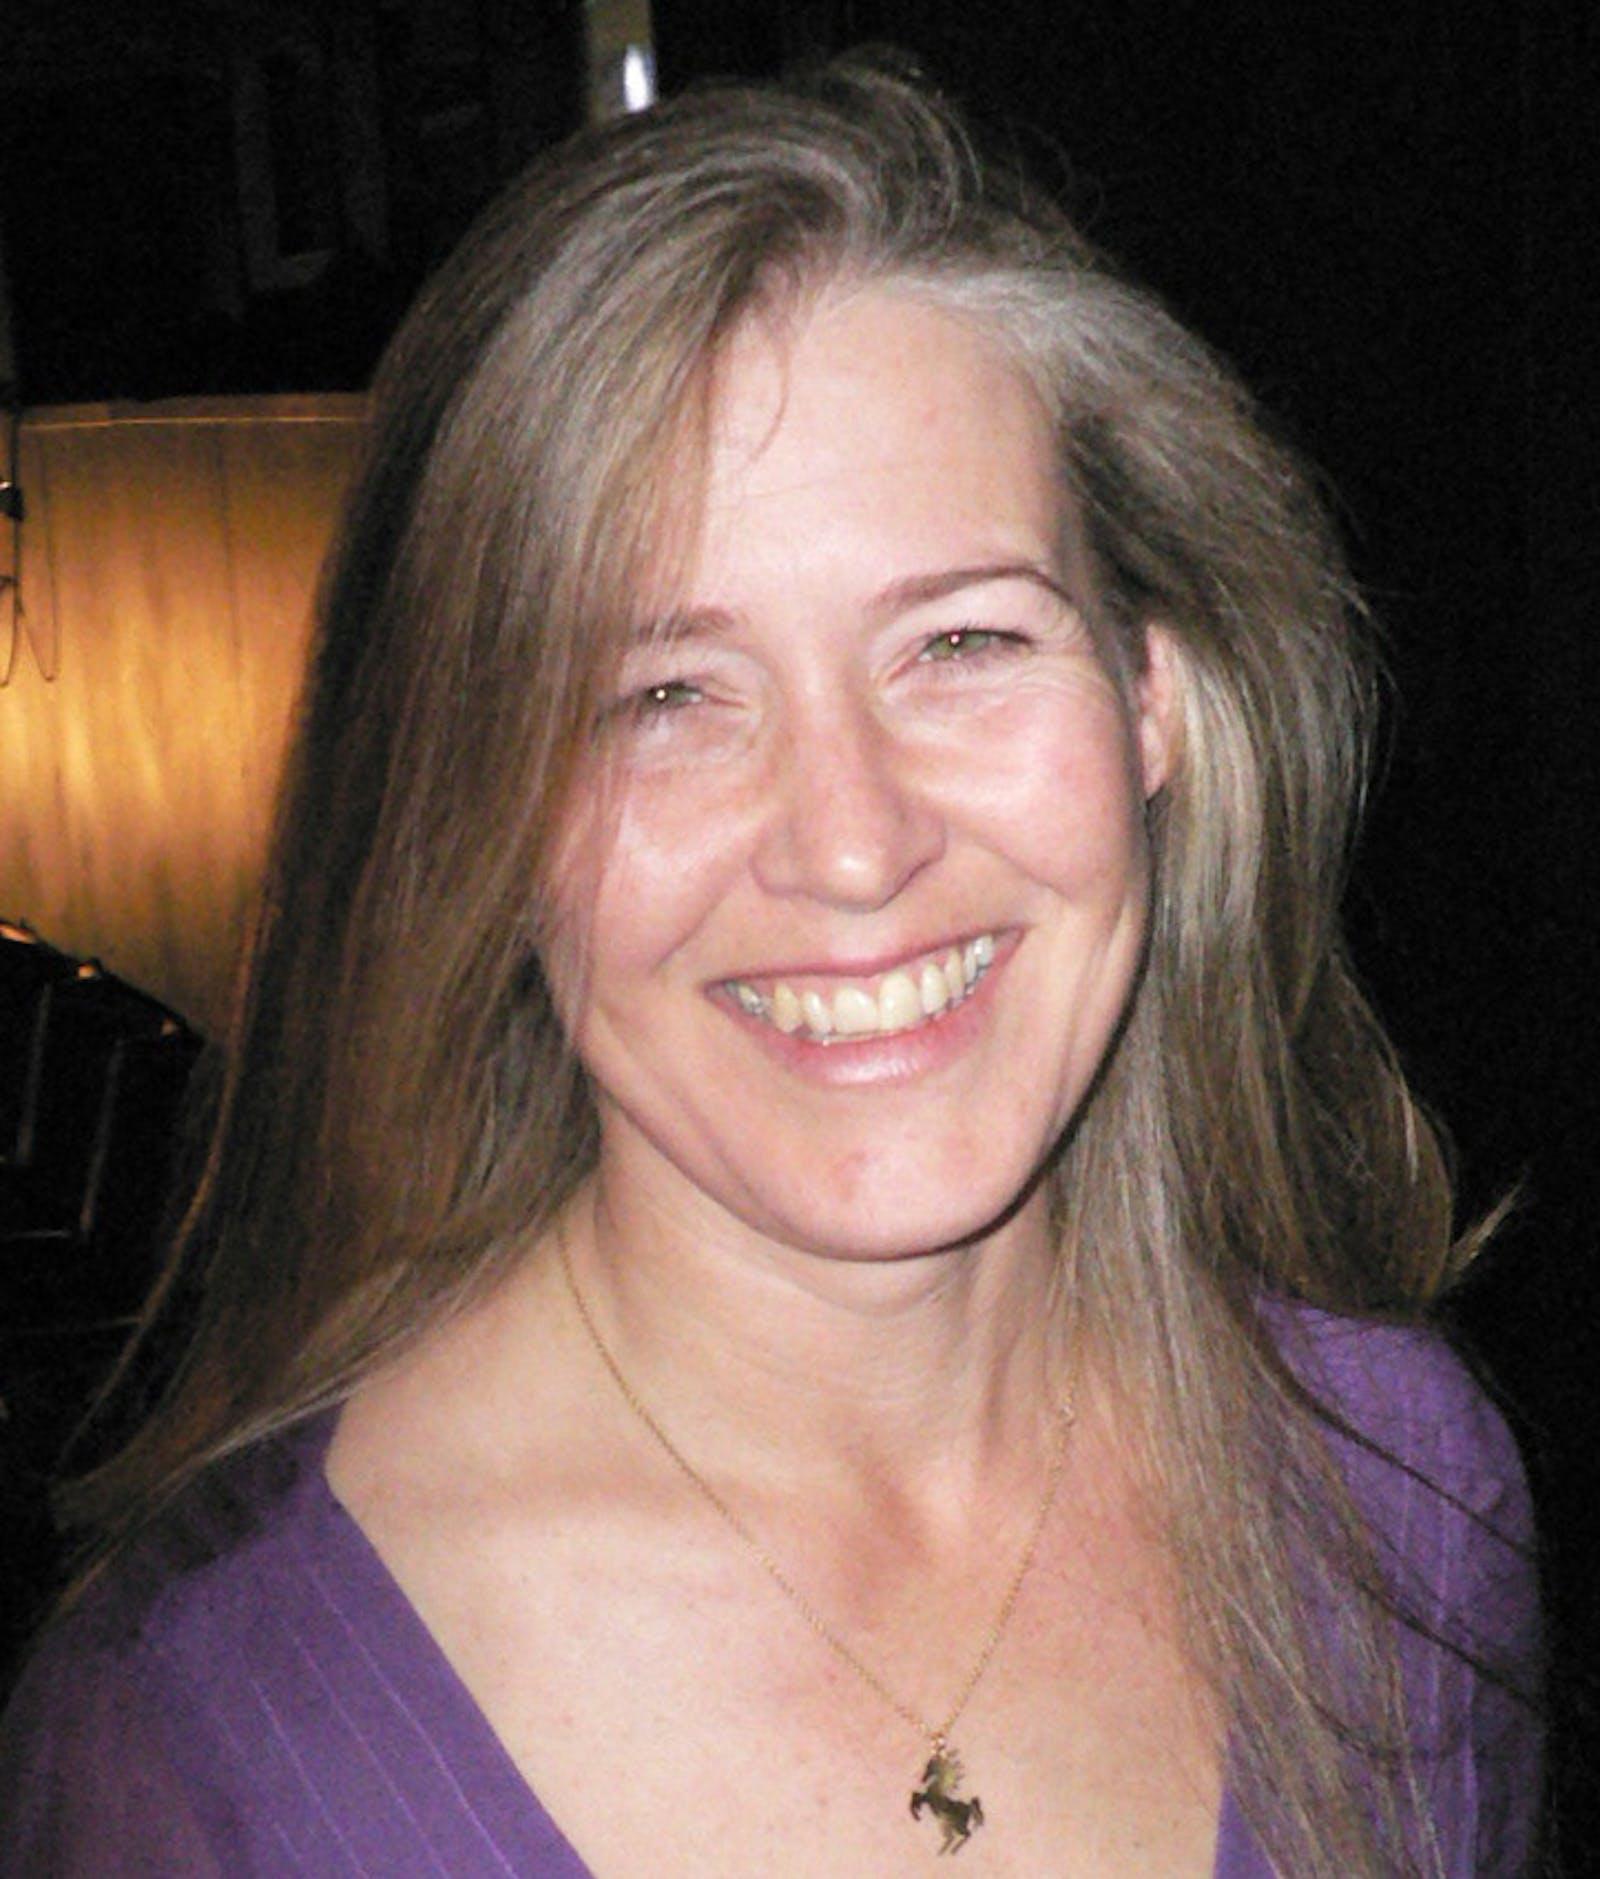 Stephanie Collie